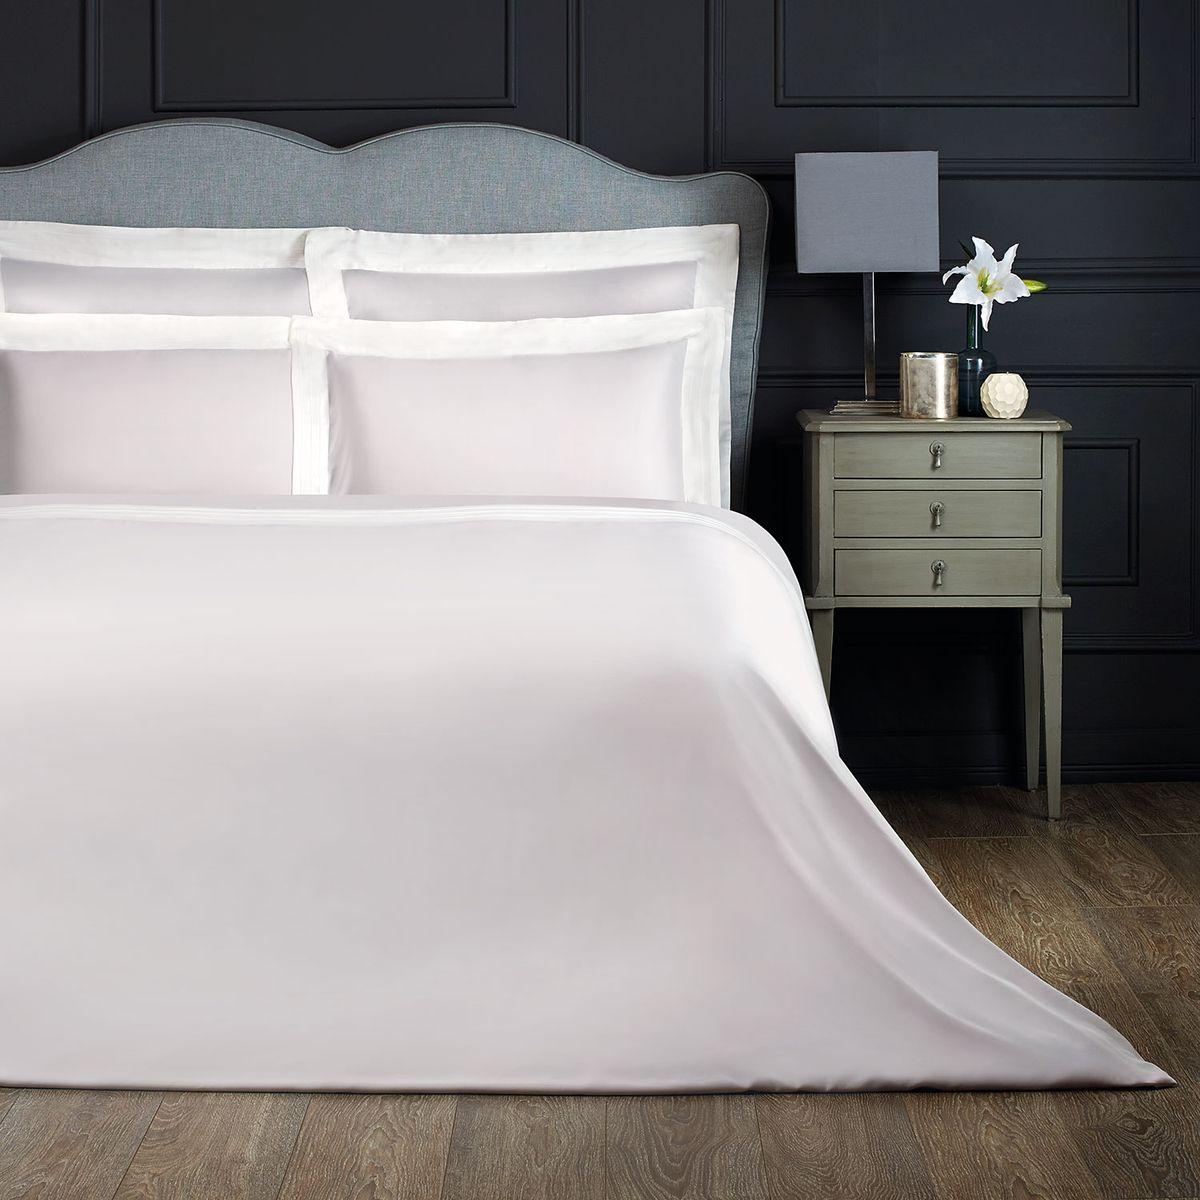 Комплект белья Togas Эдем, 2-спальный, наволочки 50х70, цвет: серый, белый30.07.30.0014Комплект постельного белья Togas Эдем, выполненный из 100% бамбукового волокна, состоит из пододеяльника, простыни и двух наволочек. Изделия имеют классический крой. Бамбуковое волокно - регенерированное целлюлозное волокно, изготовленное из стебля бамбука. Комплект постельного белья Togas Эдем гармонично впишется в интерьер вашей спальни и создаст атмосферу уюта и комфорта.ом.